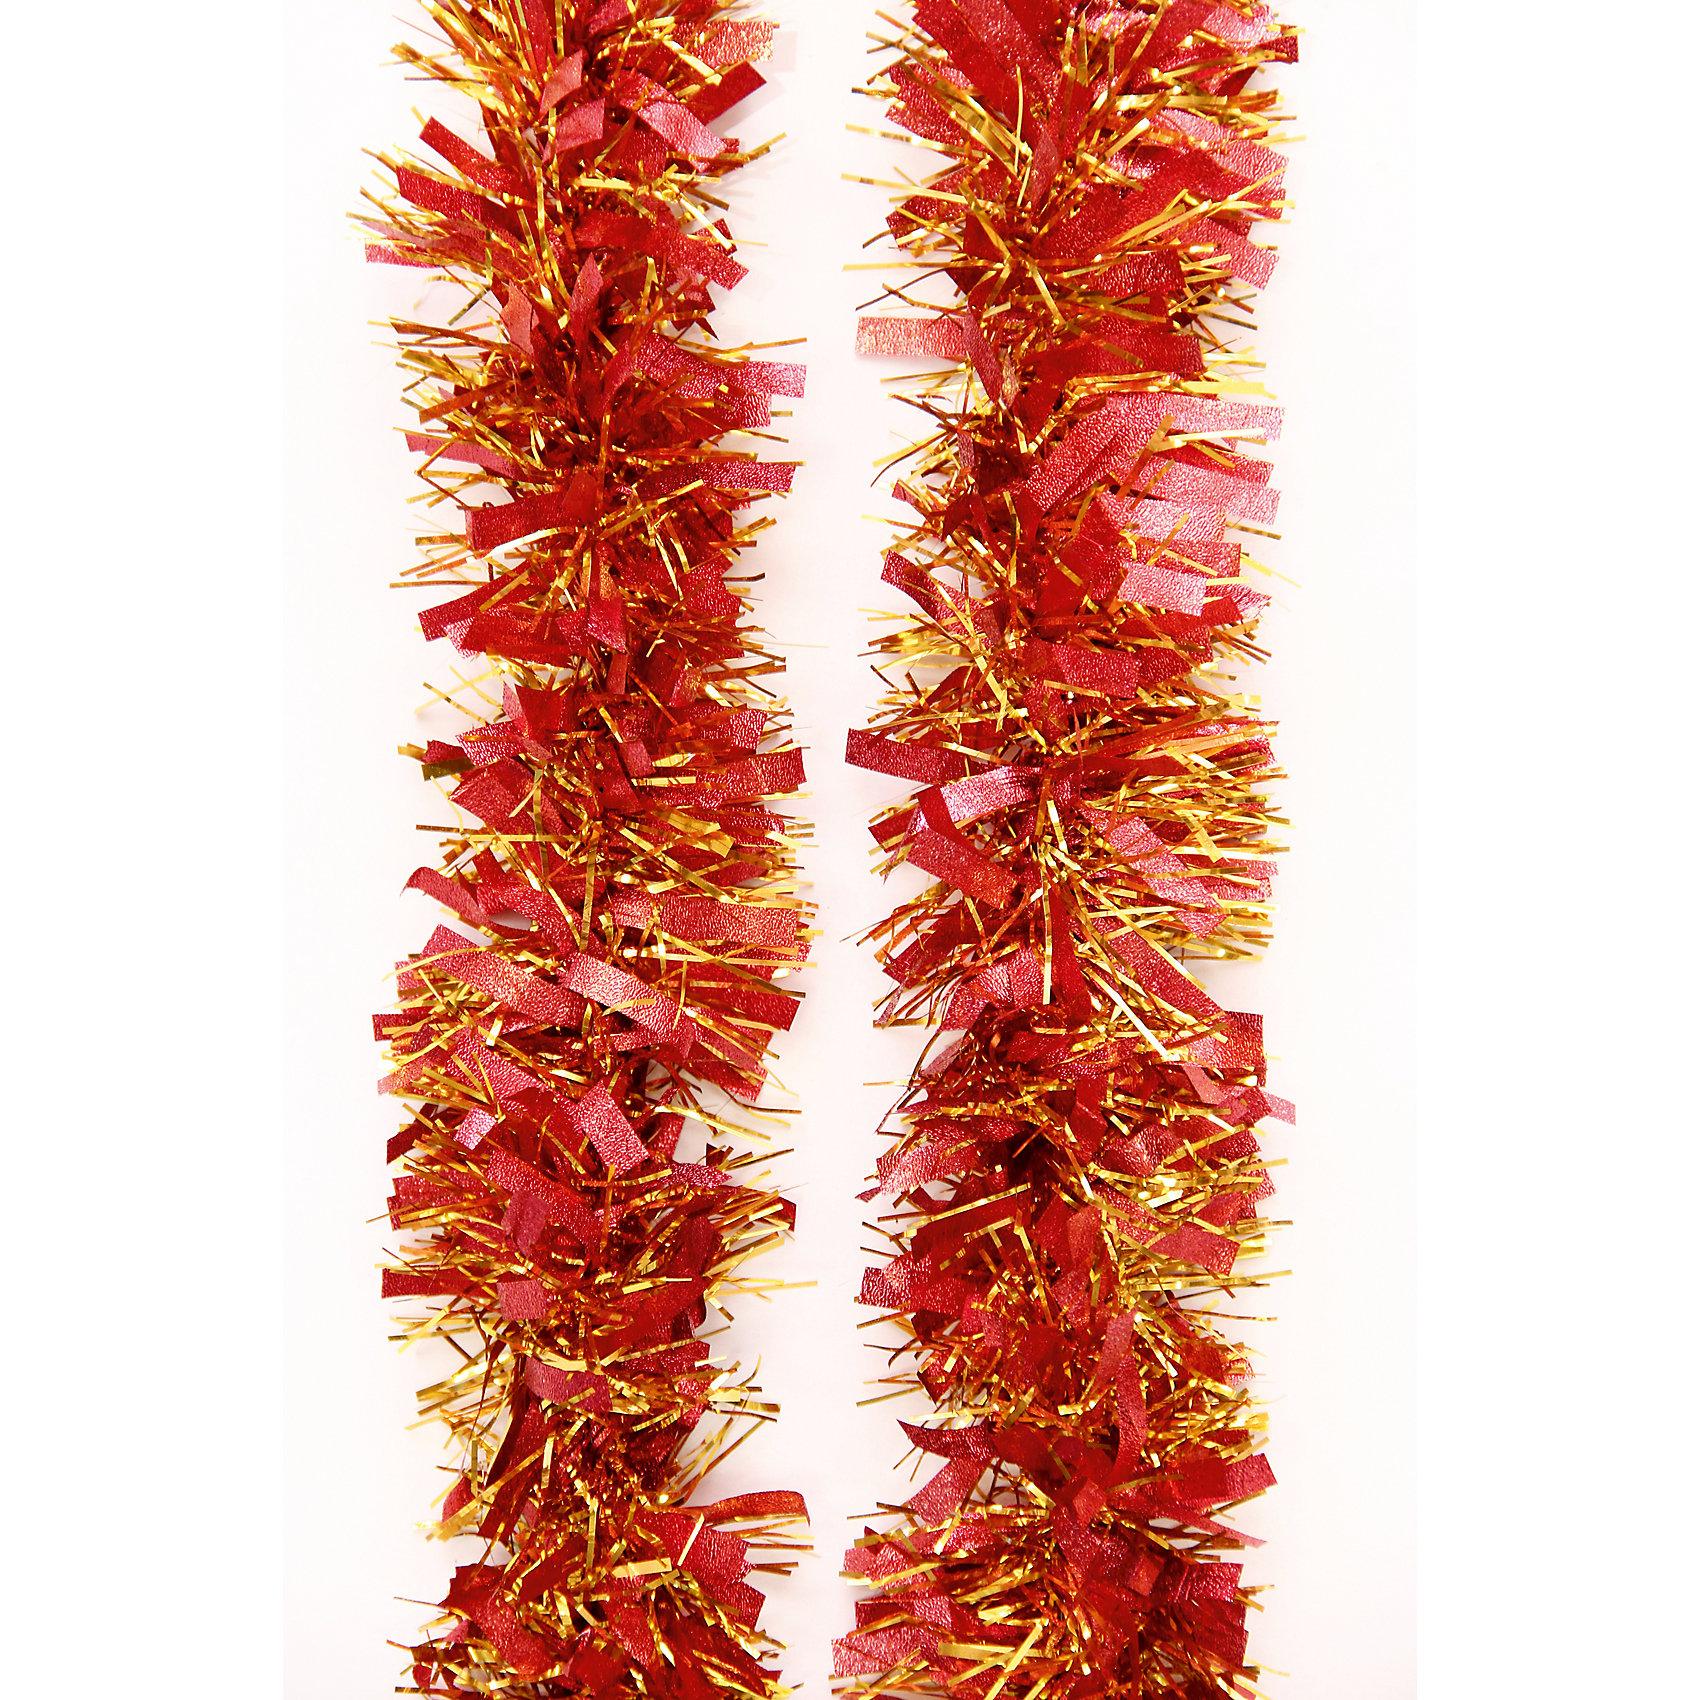 Мишура Оранжевый микс 9*200 смМишура в оранжевым цвете отлично подойдет для украшения вашего дома. Её яркий цвет создаст особую атмосферу нового года.  Она не будет сыпаться, поэтому останется яркой и блестящей и будет радовать вас ещё не один год. <br><br>Характеристика:<br>-Размер: 9 м 200 см<br>-Цвет: оранжевый микс<br>-Арт.: 34873<br><br>Мишуру Оранжевый микс можно приобрести в нашем интернет-магазине.<br><br>Ширина мм: 100<br>Глубина мм: 100<br>Высота мм: 60<br>Вес г: 24<br>Возраст от месяцев: 36<br>Возраст до месяцев: 2147483647<br>Пол: Унисекс<br>Возраст: Детский<br>SKU: 4981436